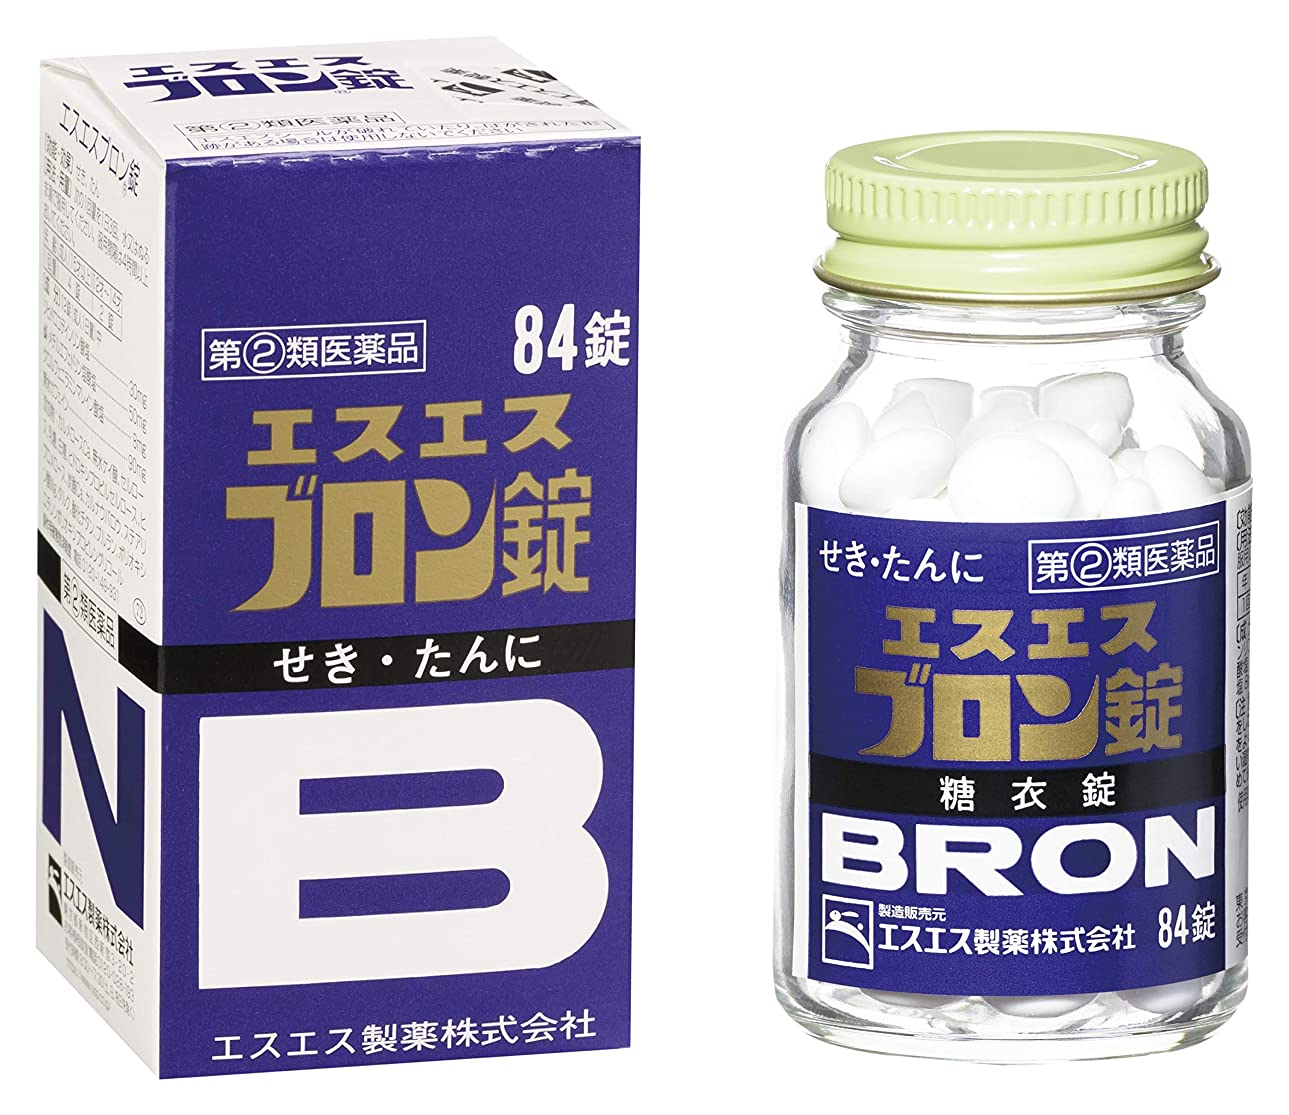 ロデオ気怠い額【指定第2類医薬品】エスエスブロン錠 84錠